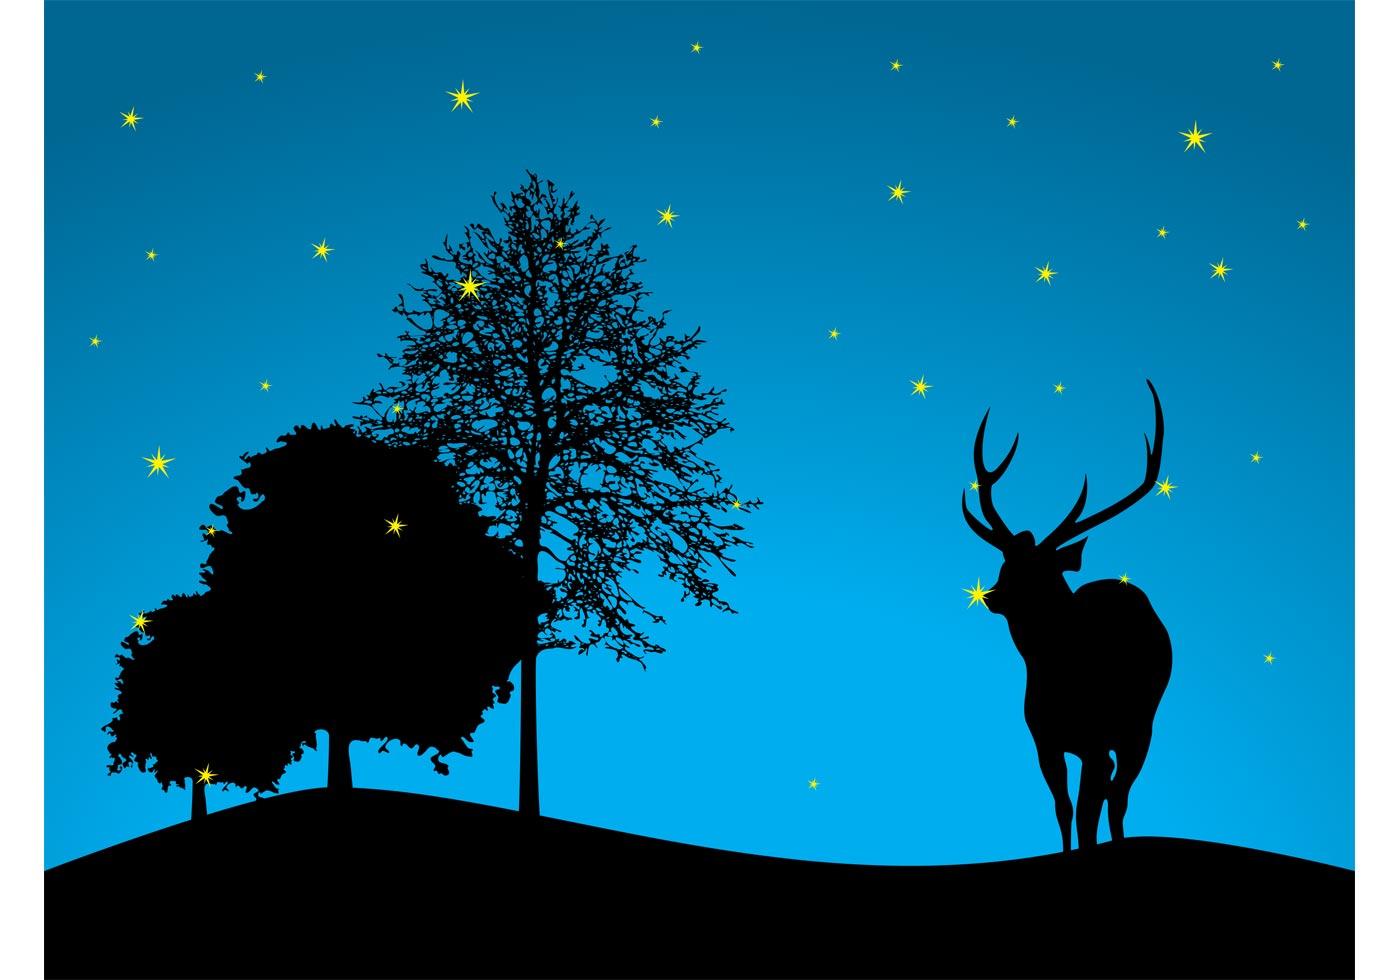 Reindeer Wallpaper Cute Night Forest Vector Download Free Vector Art Stock